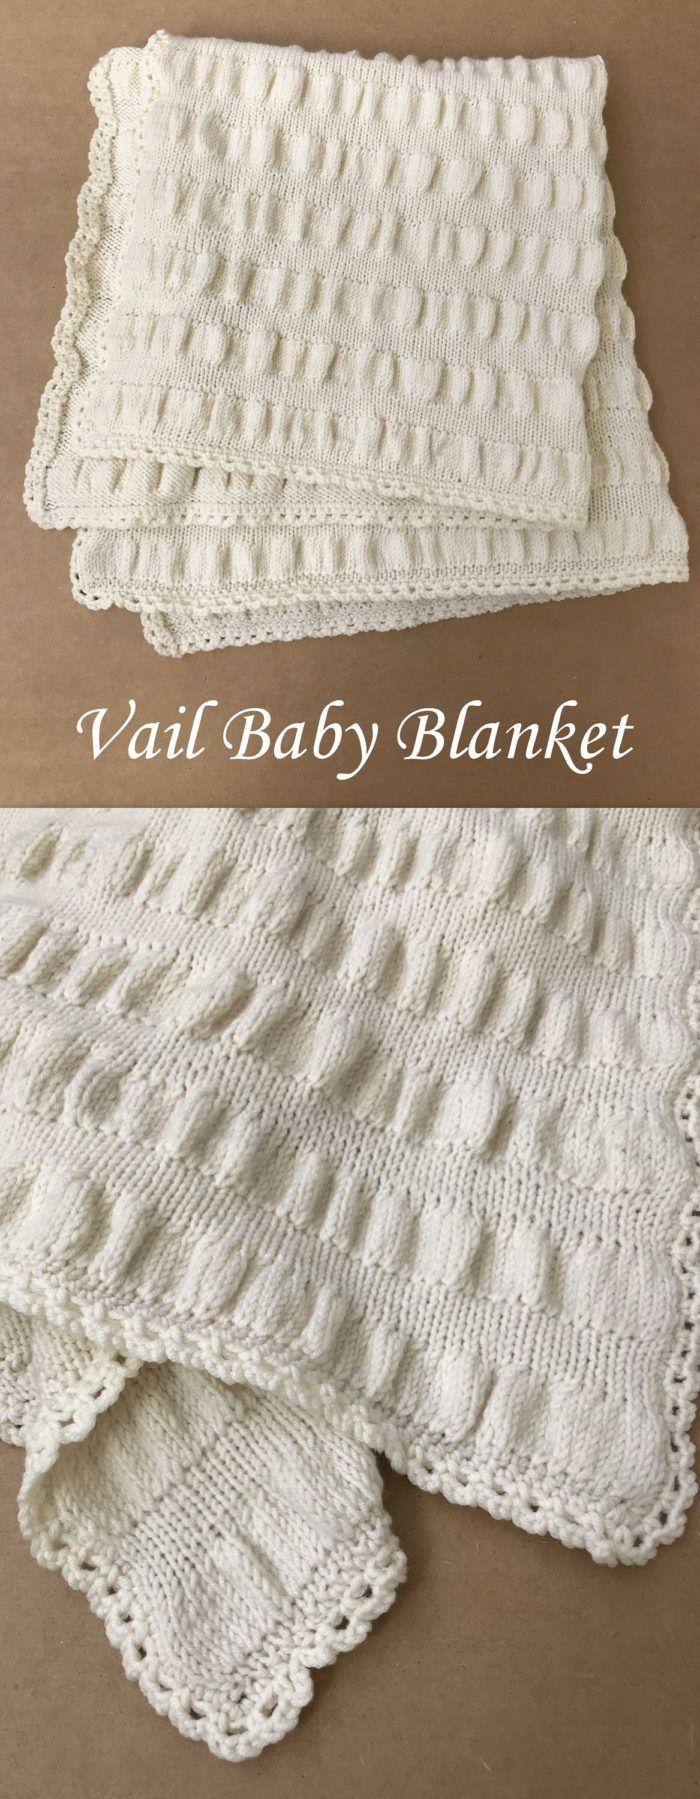 The 25 Best Beginner Knitting Blanket Ideas On Pinterest